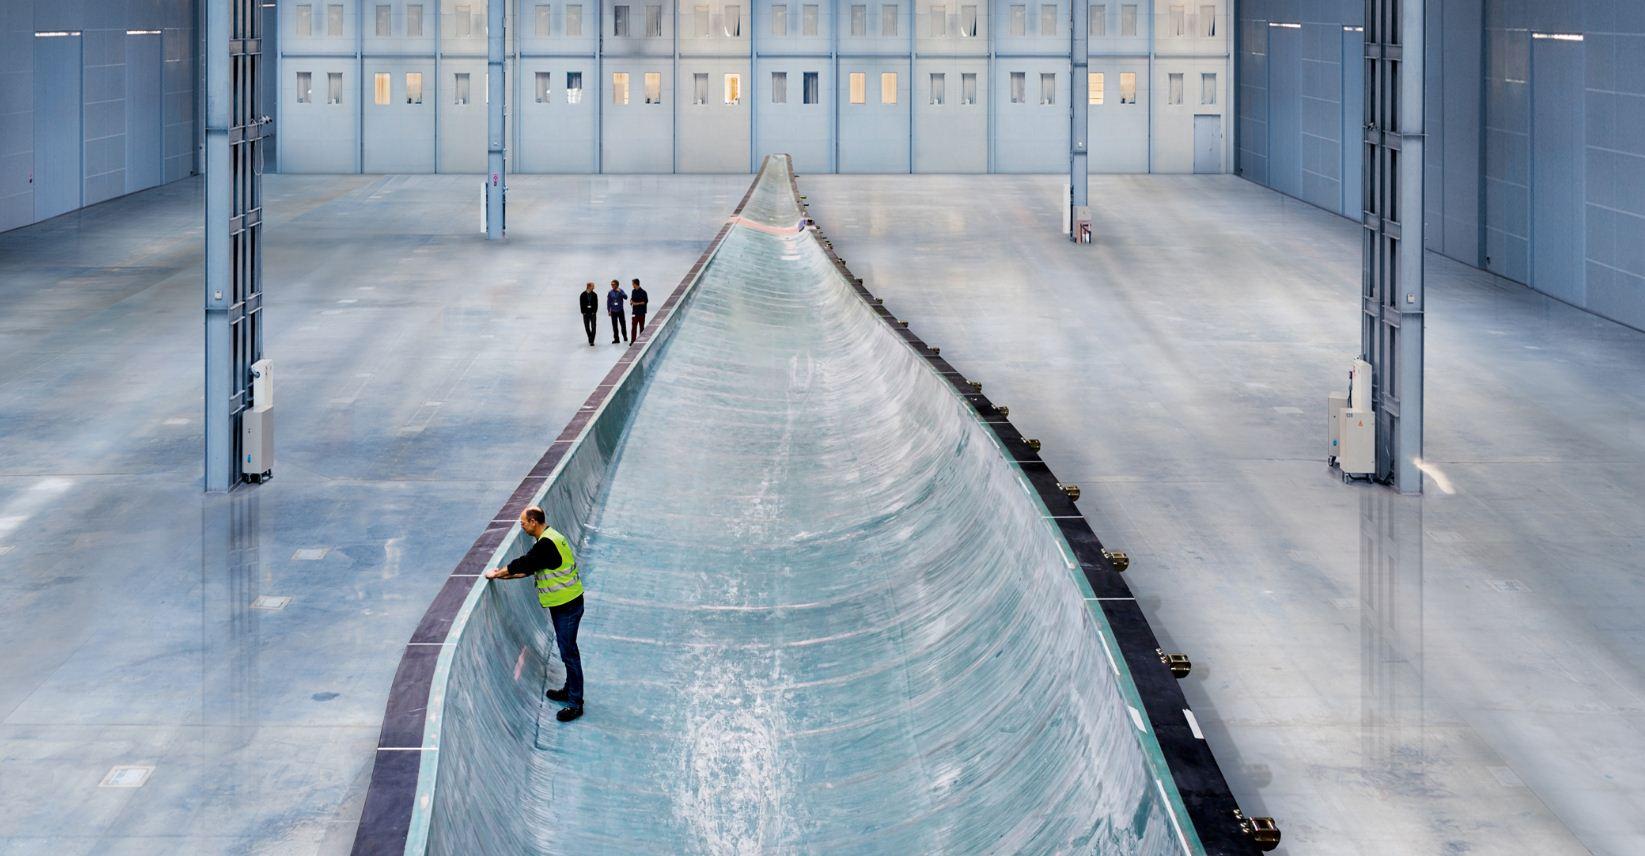 Siemens liefert 300 Offshore-Windturbinen an DONG Energy